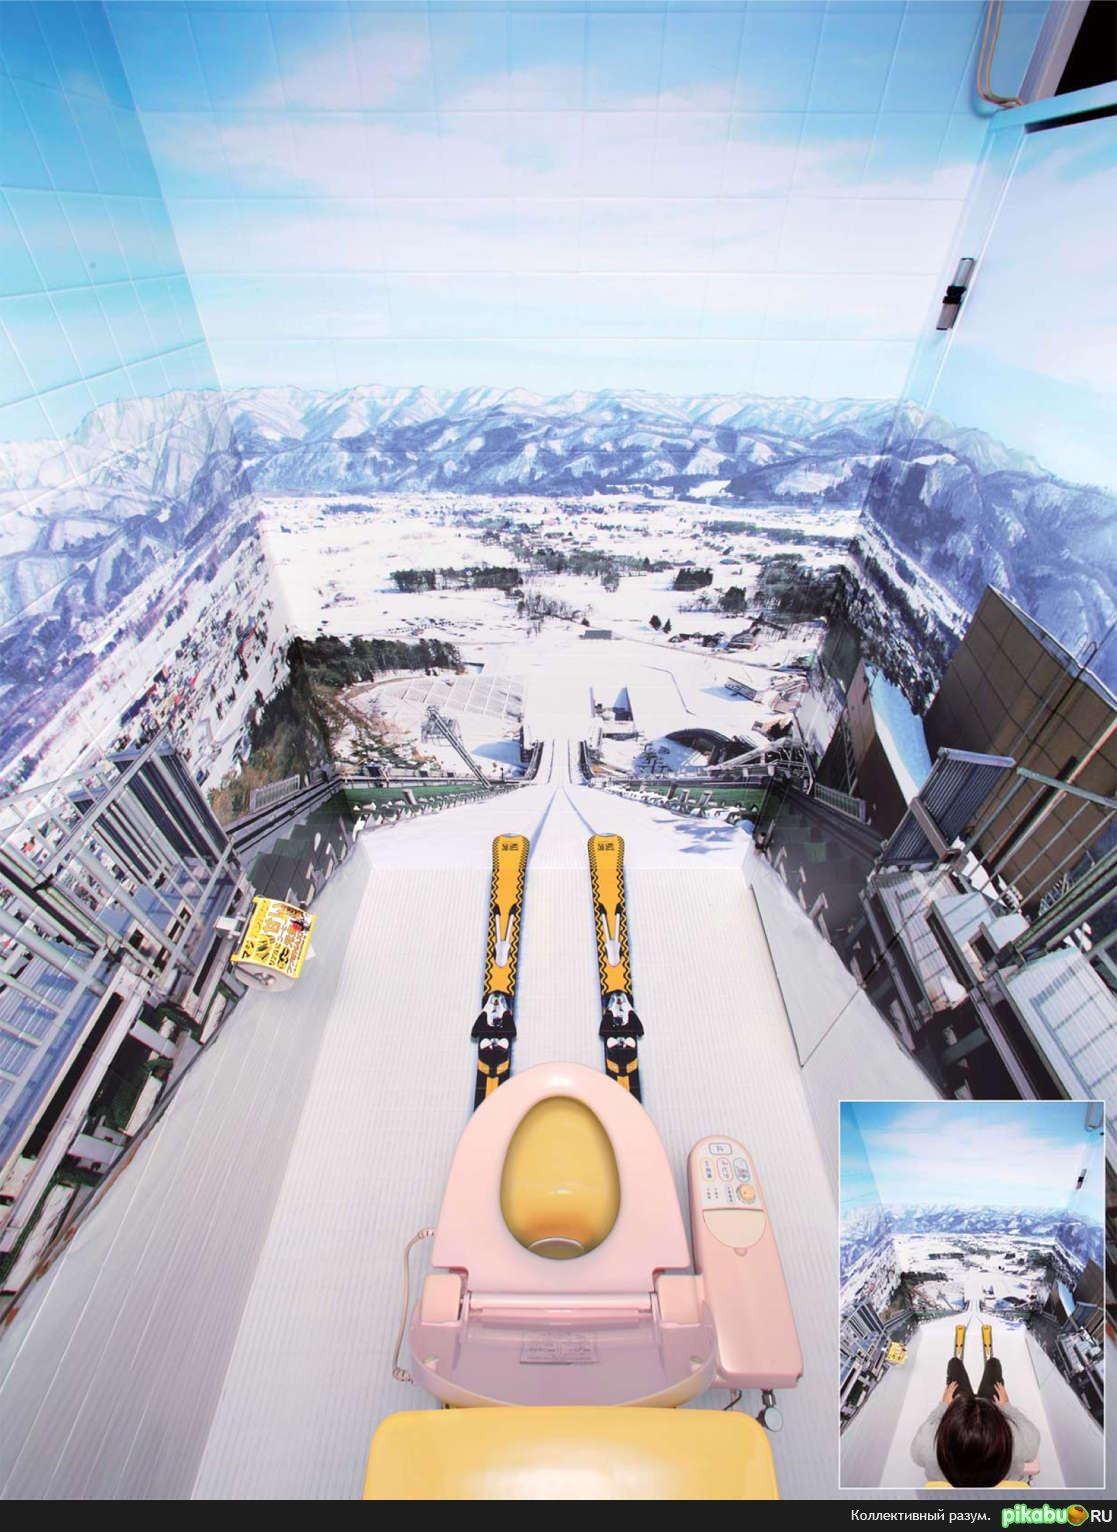 Georgia Max Coffee решили перестроить туалеты ряда ключевых лыжных